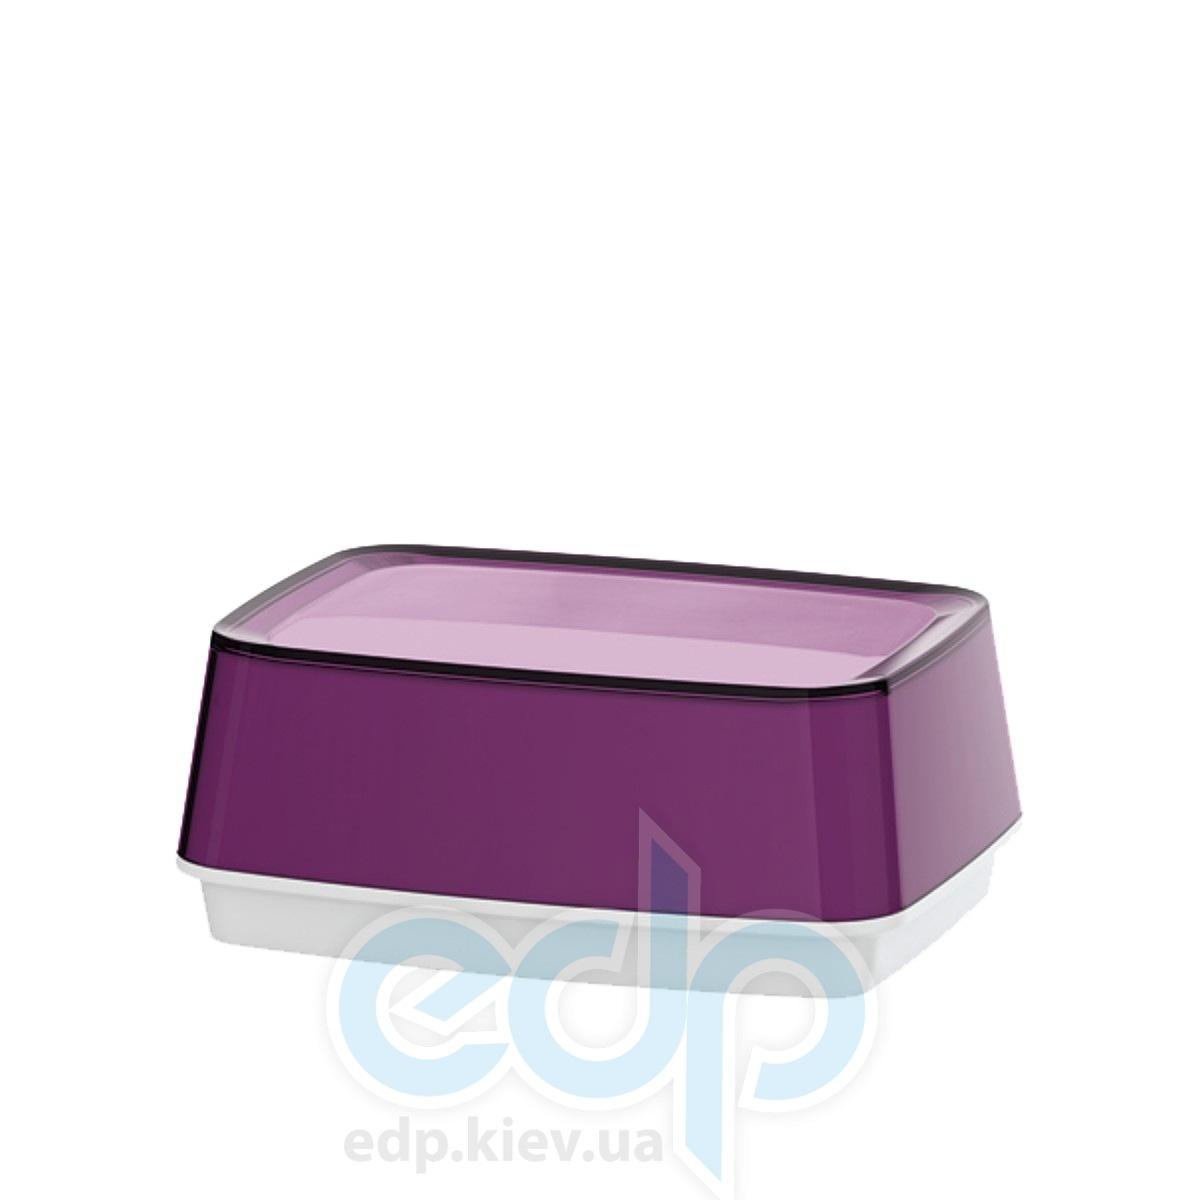 Emsa - Масленка Venice фиолетовая (арт. 512933)